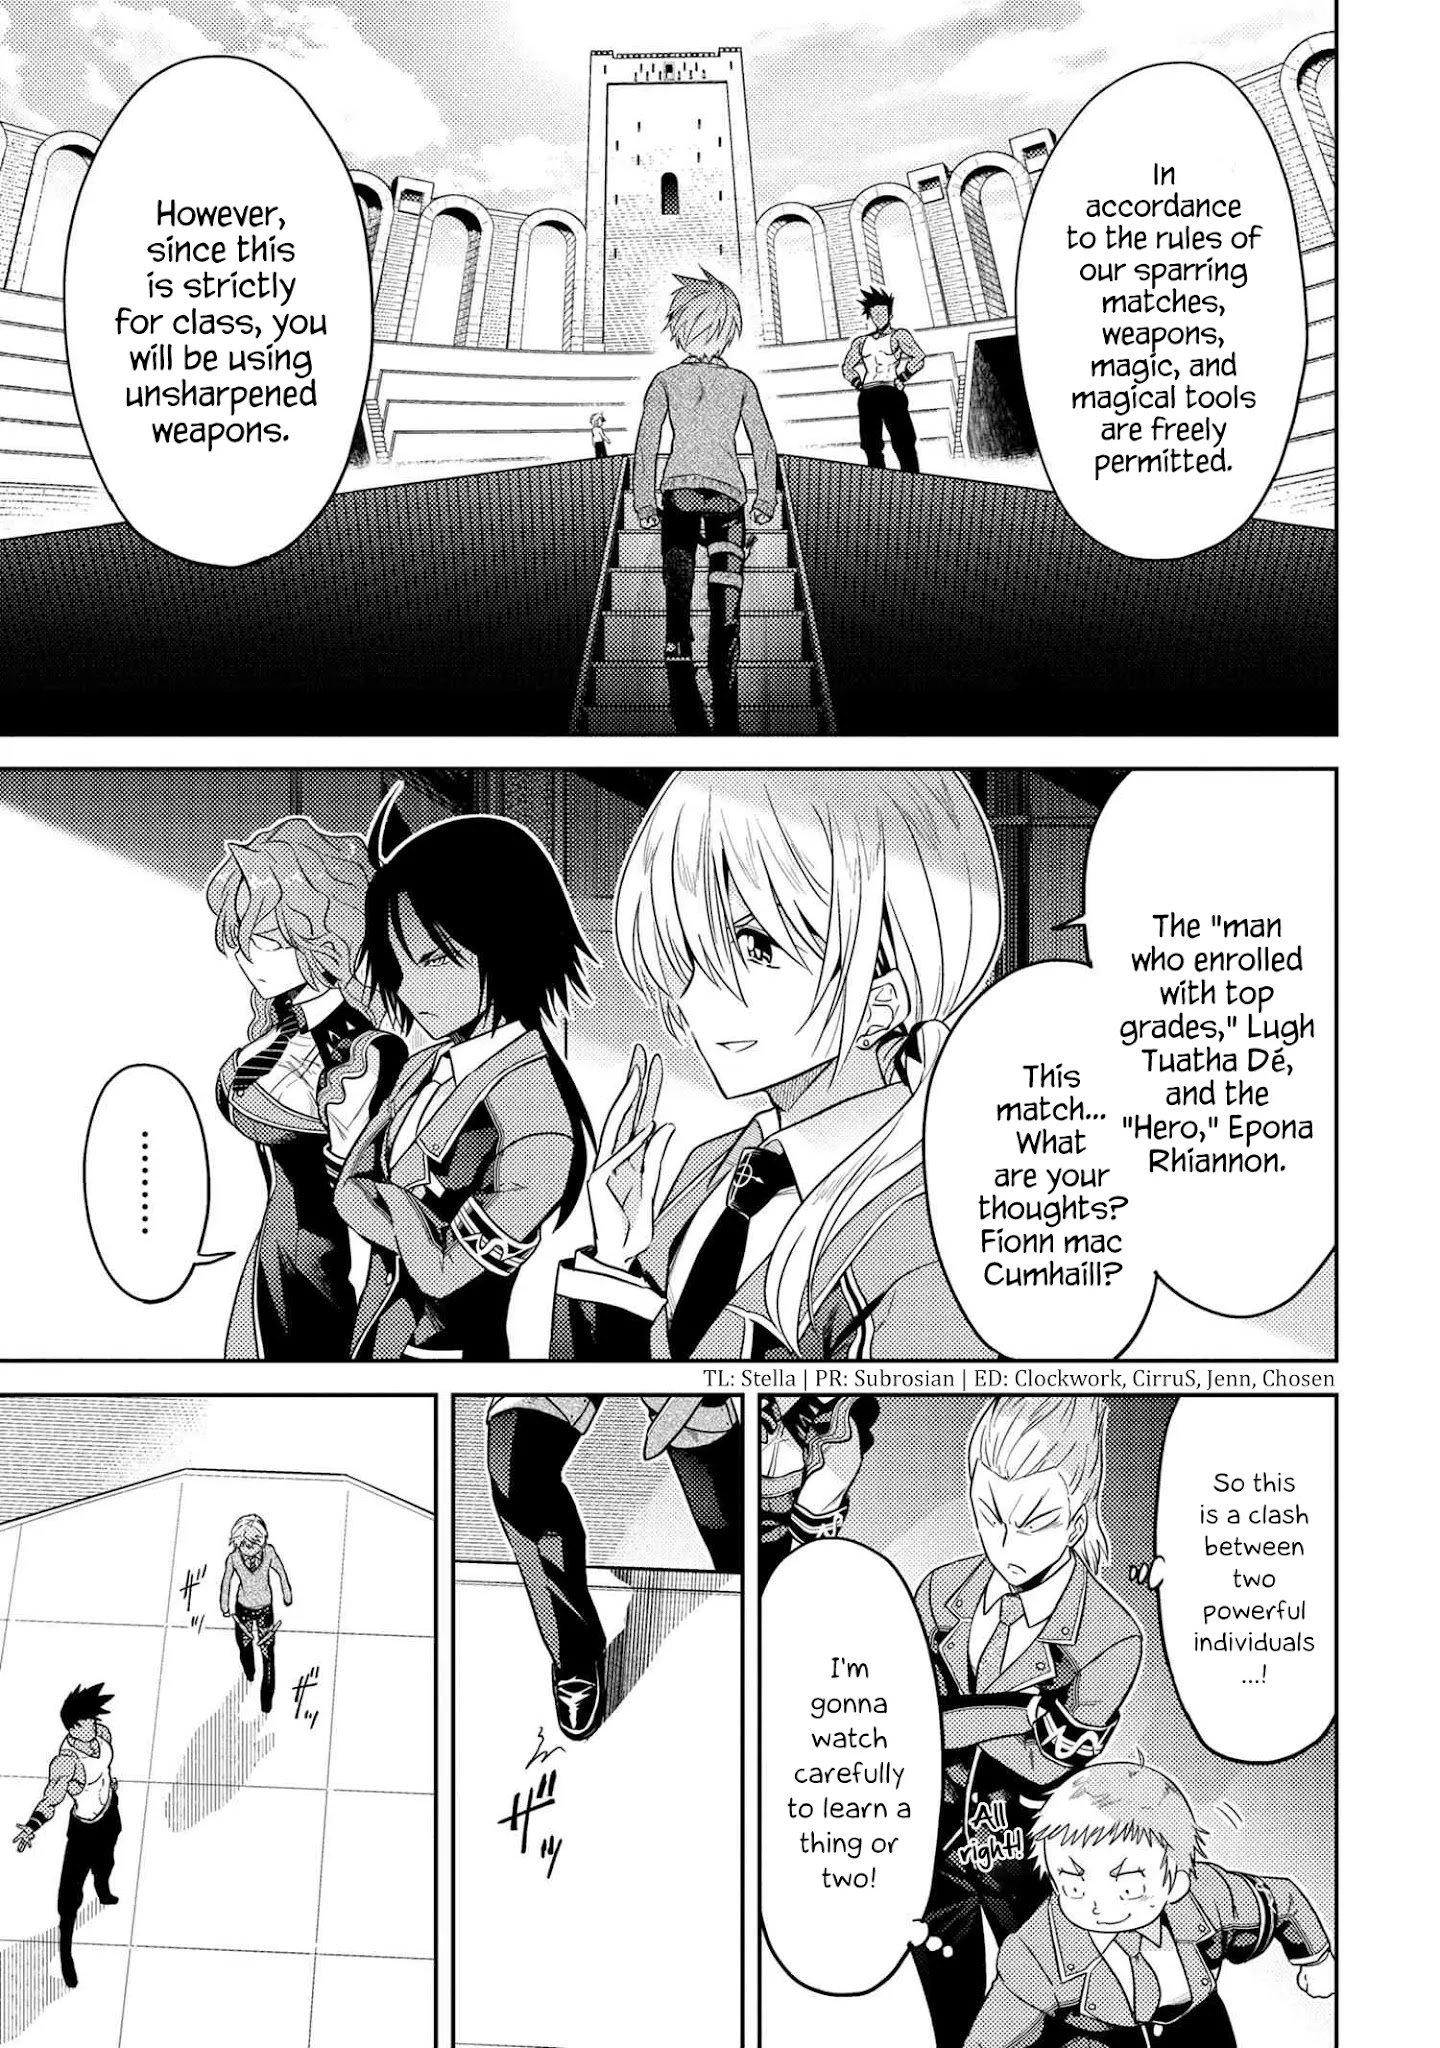 Sekai Saikyou no Assassin, Isekai Kizoku ni Tensei Suru Chapter 13 page 1